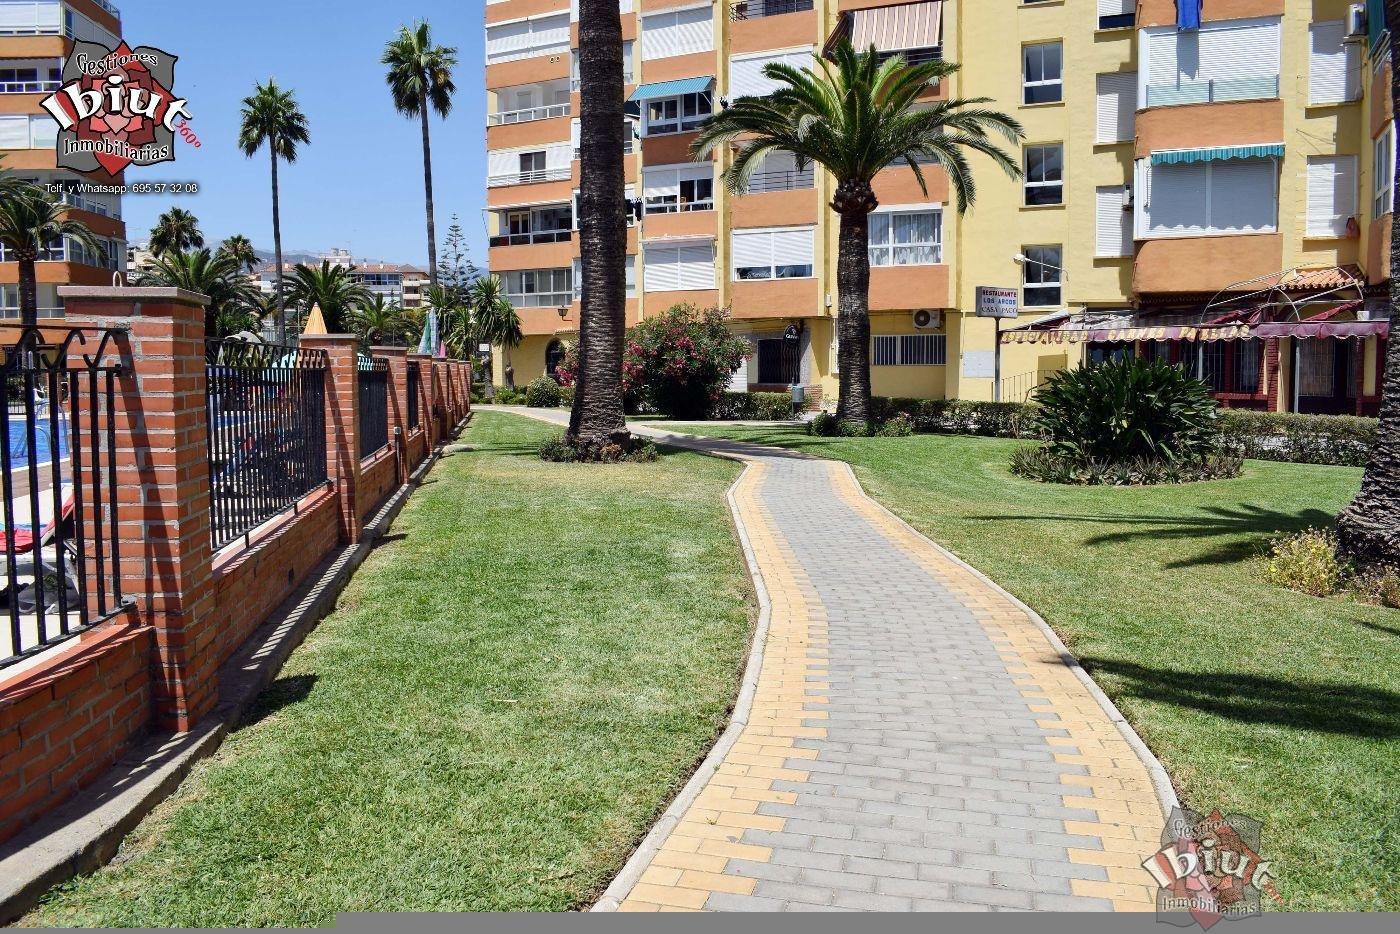 Alquiler de apartamento en Algarrobo Costa